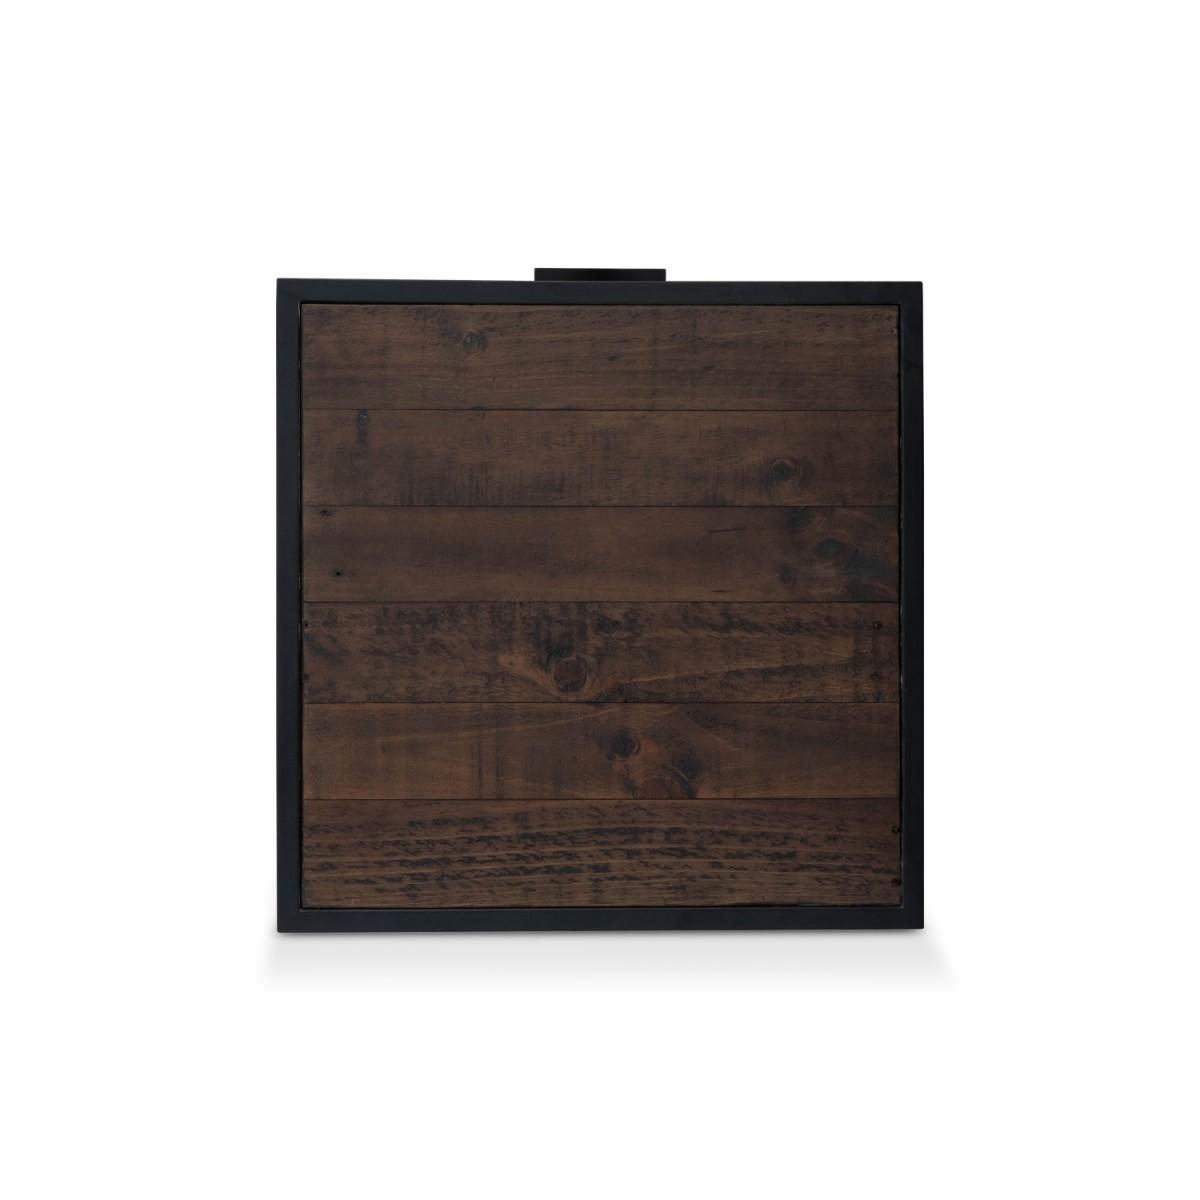 Table de chevet 1 Tiroir Bois Métal Marron 55x55x55cm